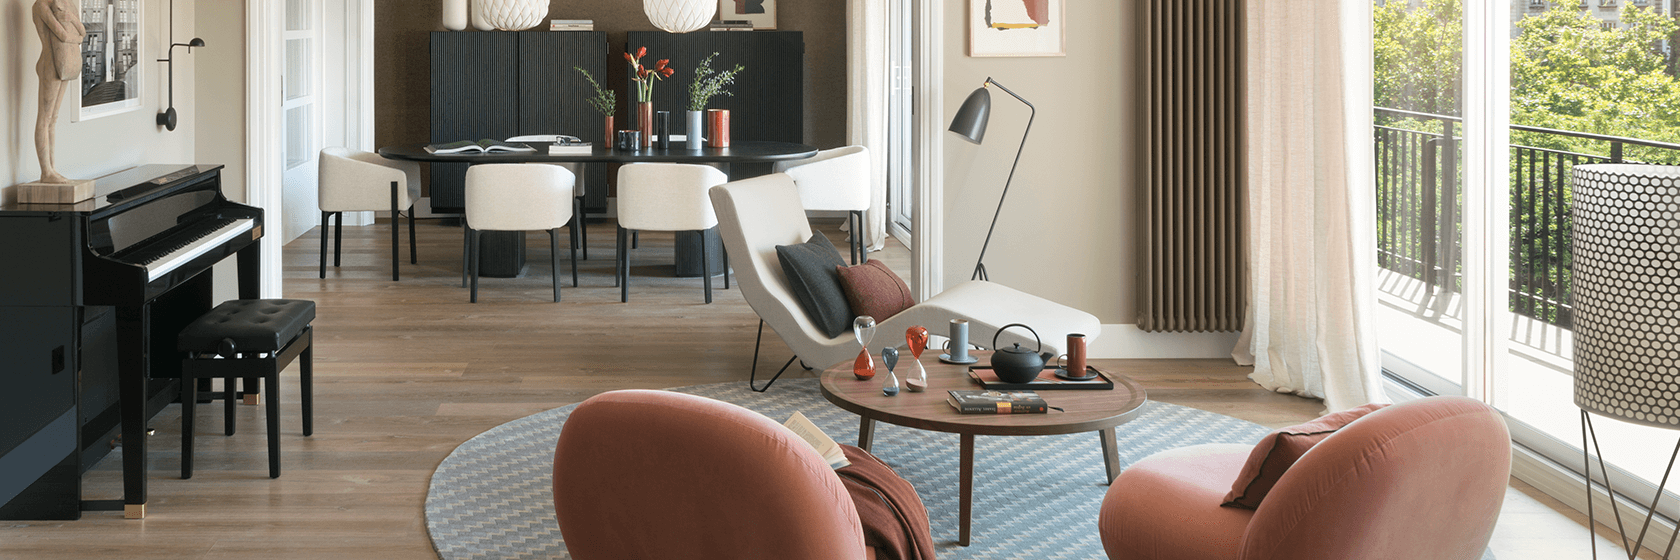 Nuestros favoritos de otoño 2019 | The Room Studio